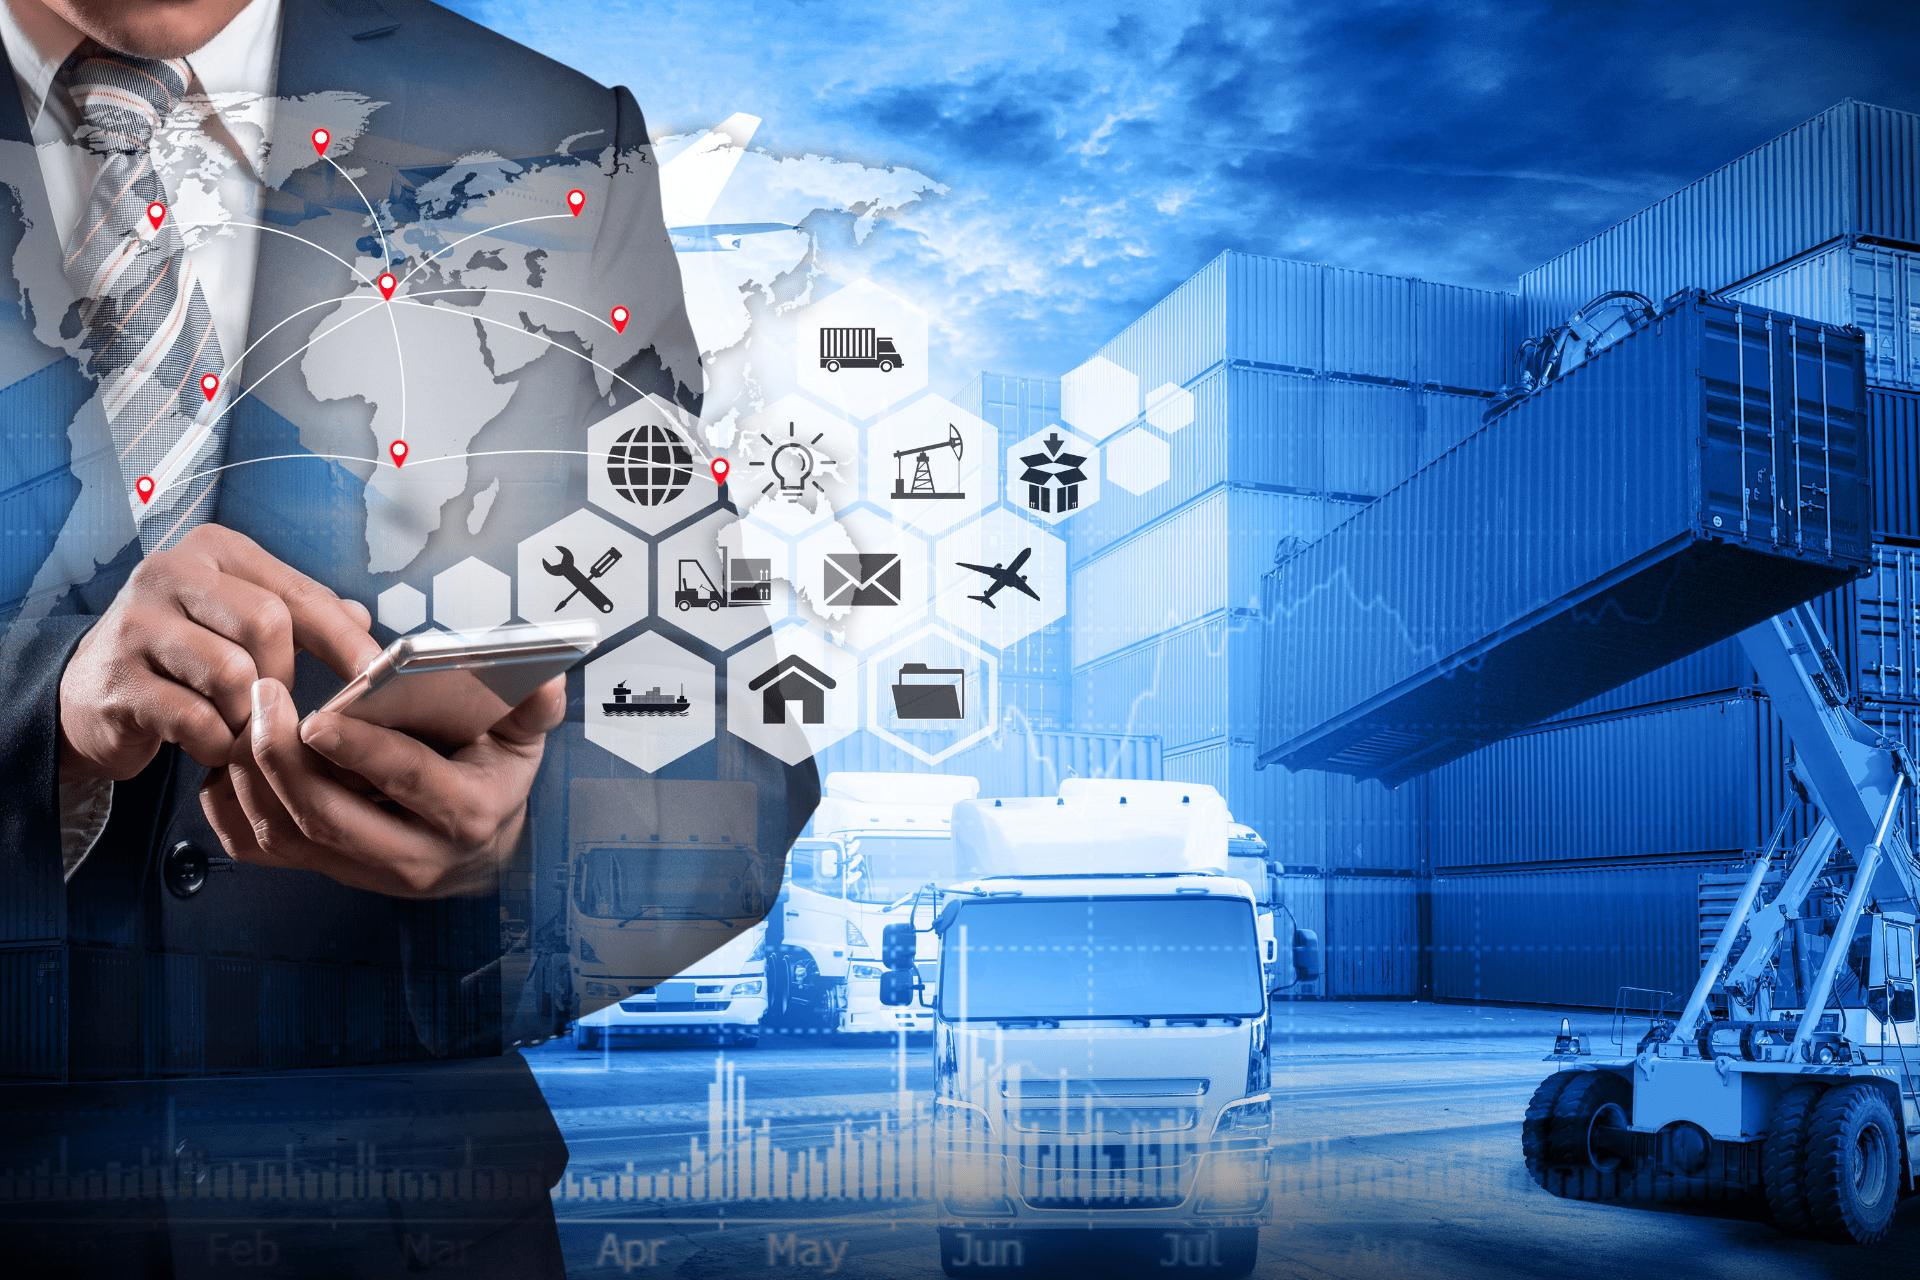 El Impacto del Internet en el Sector Logistico